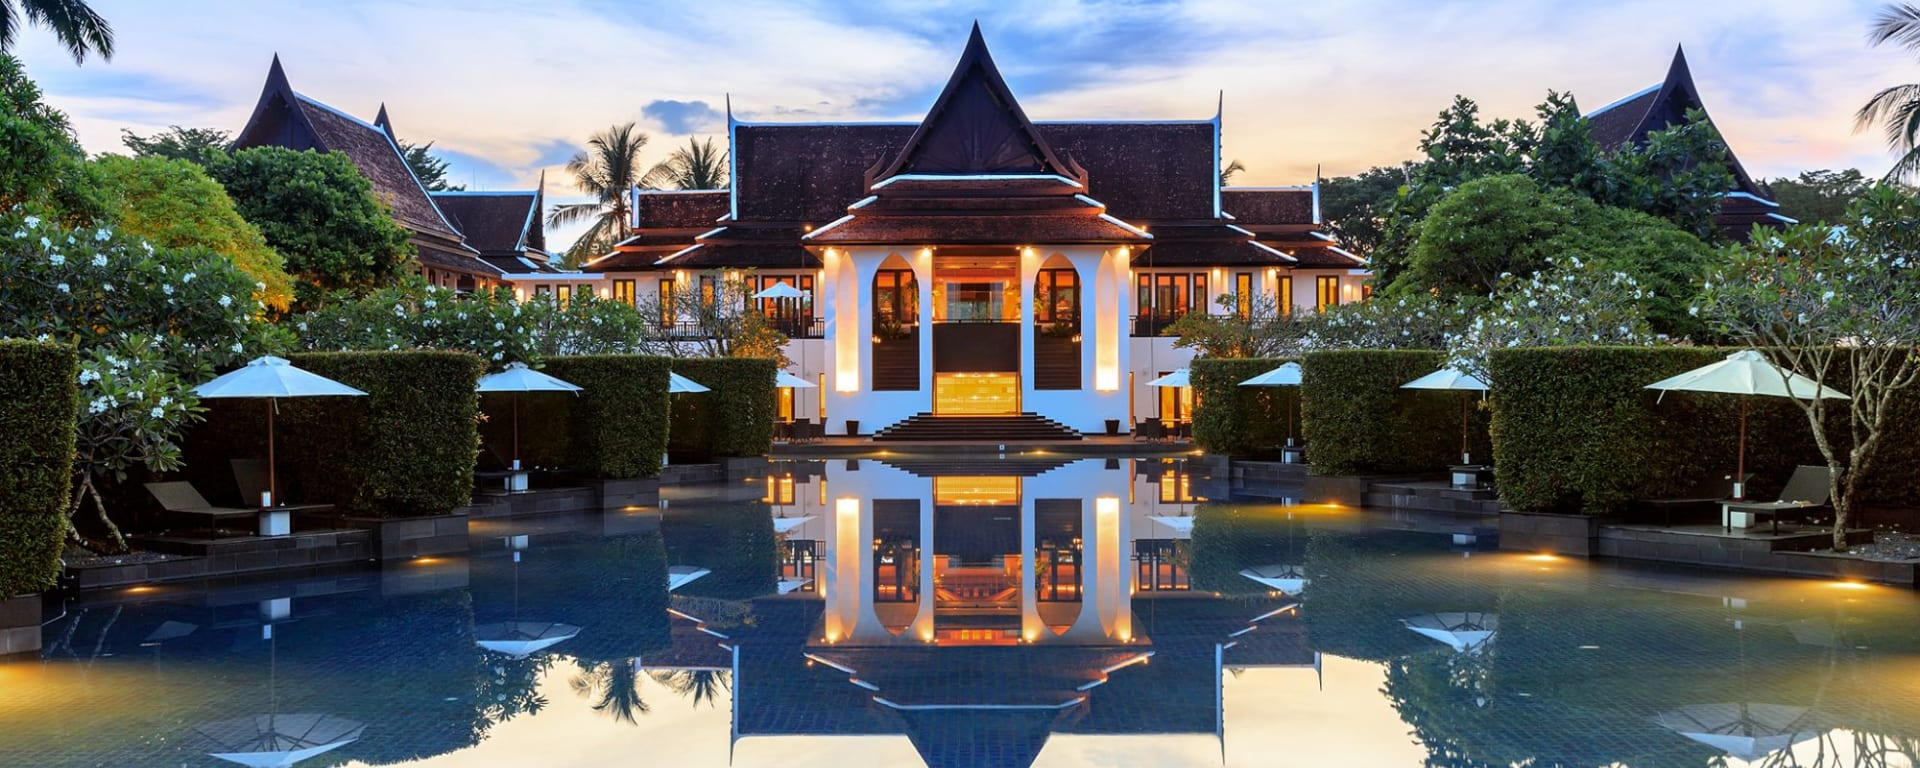 JW Marriott Khao Lak Resort & Spa: Pool area